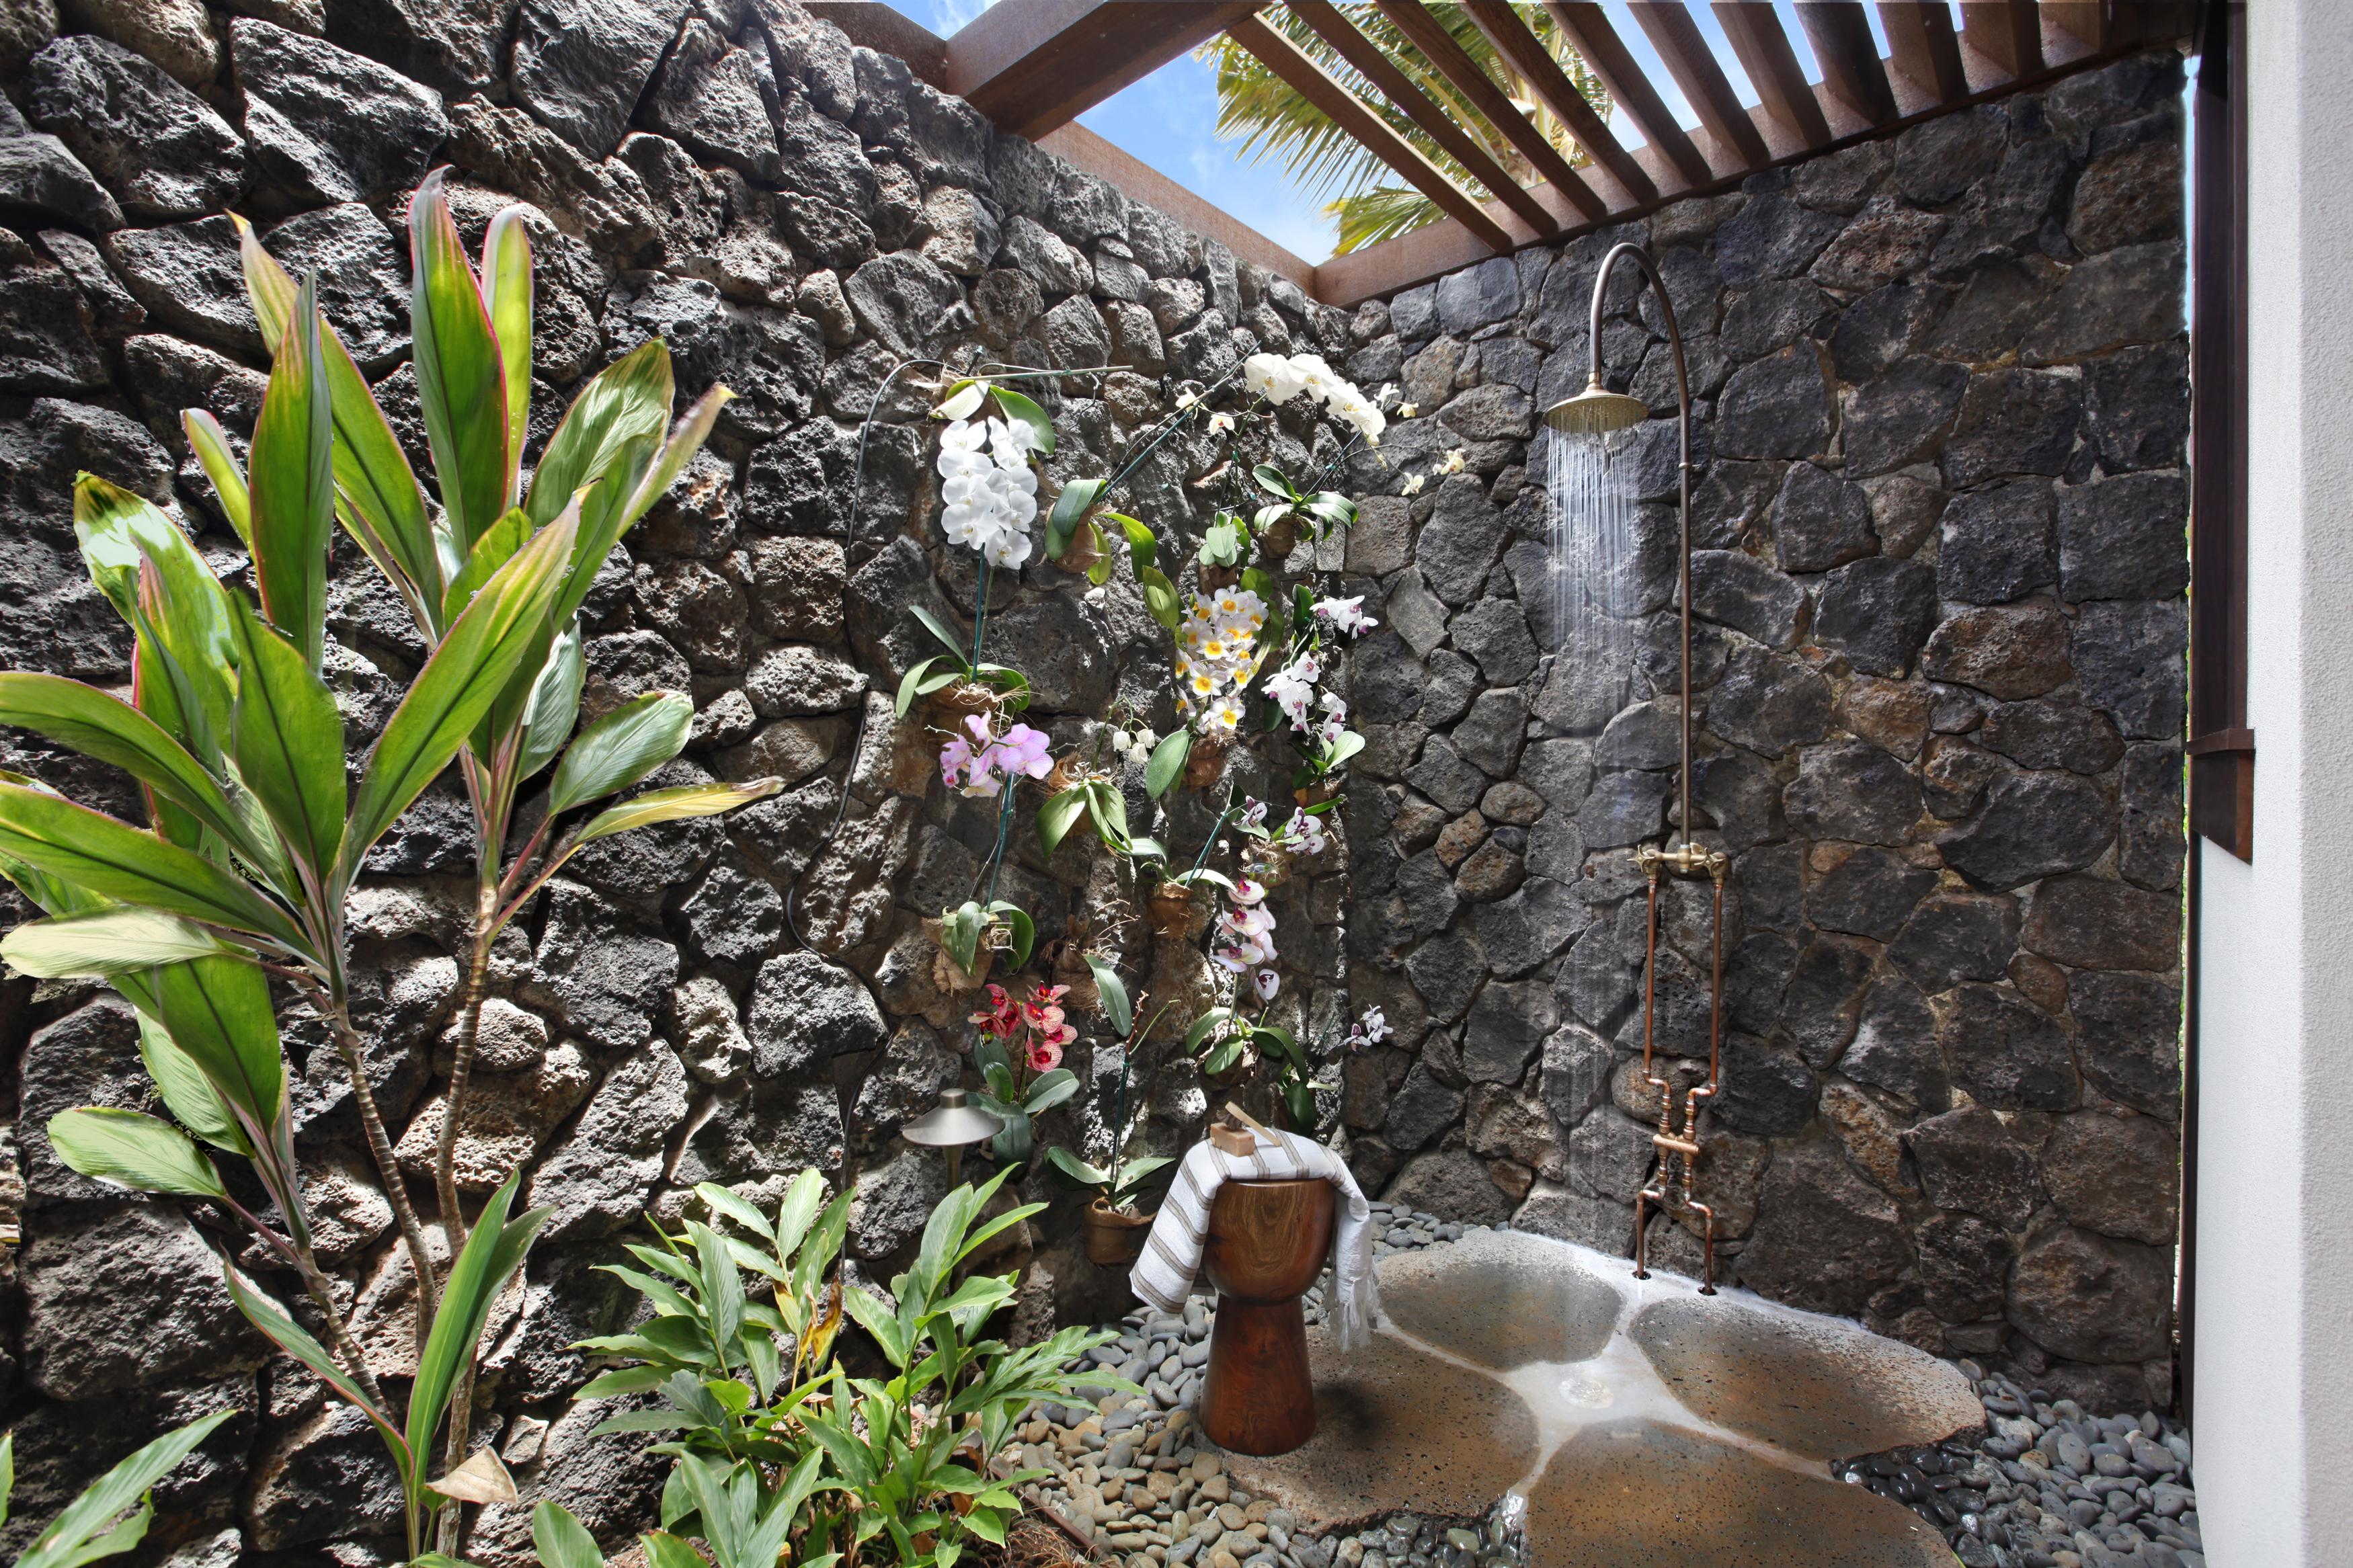 kainani_villa1_outdoor_shower